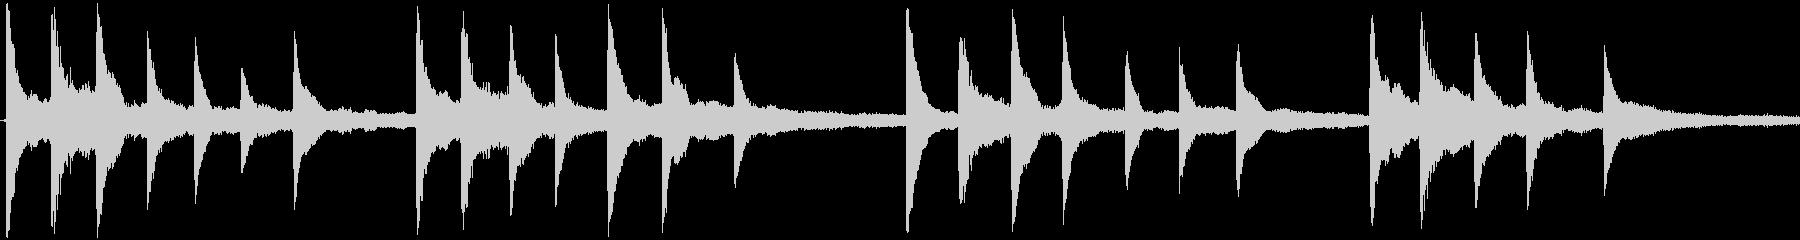 ピアノをメインにしたブランドイメージC…の未再生の波形